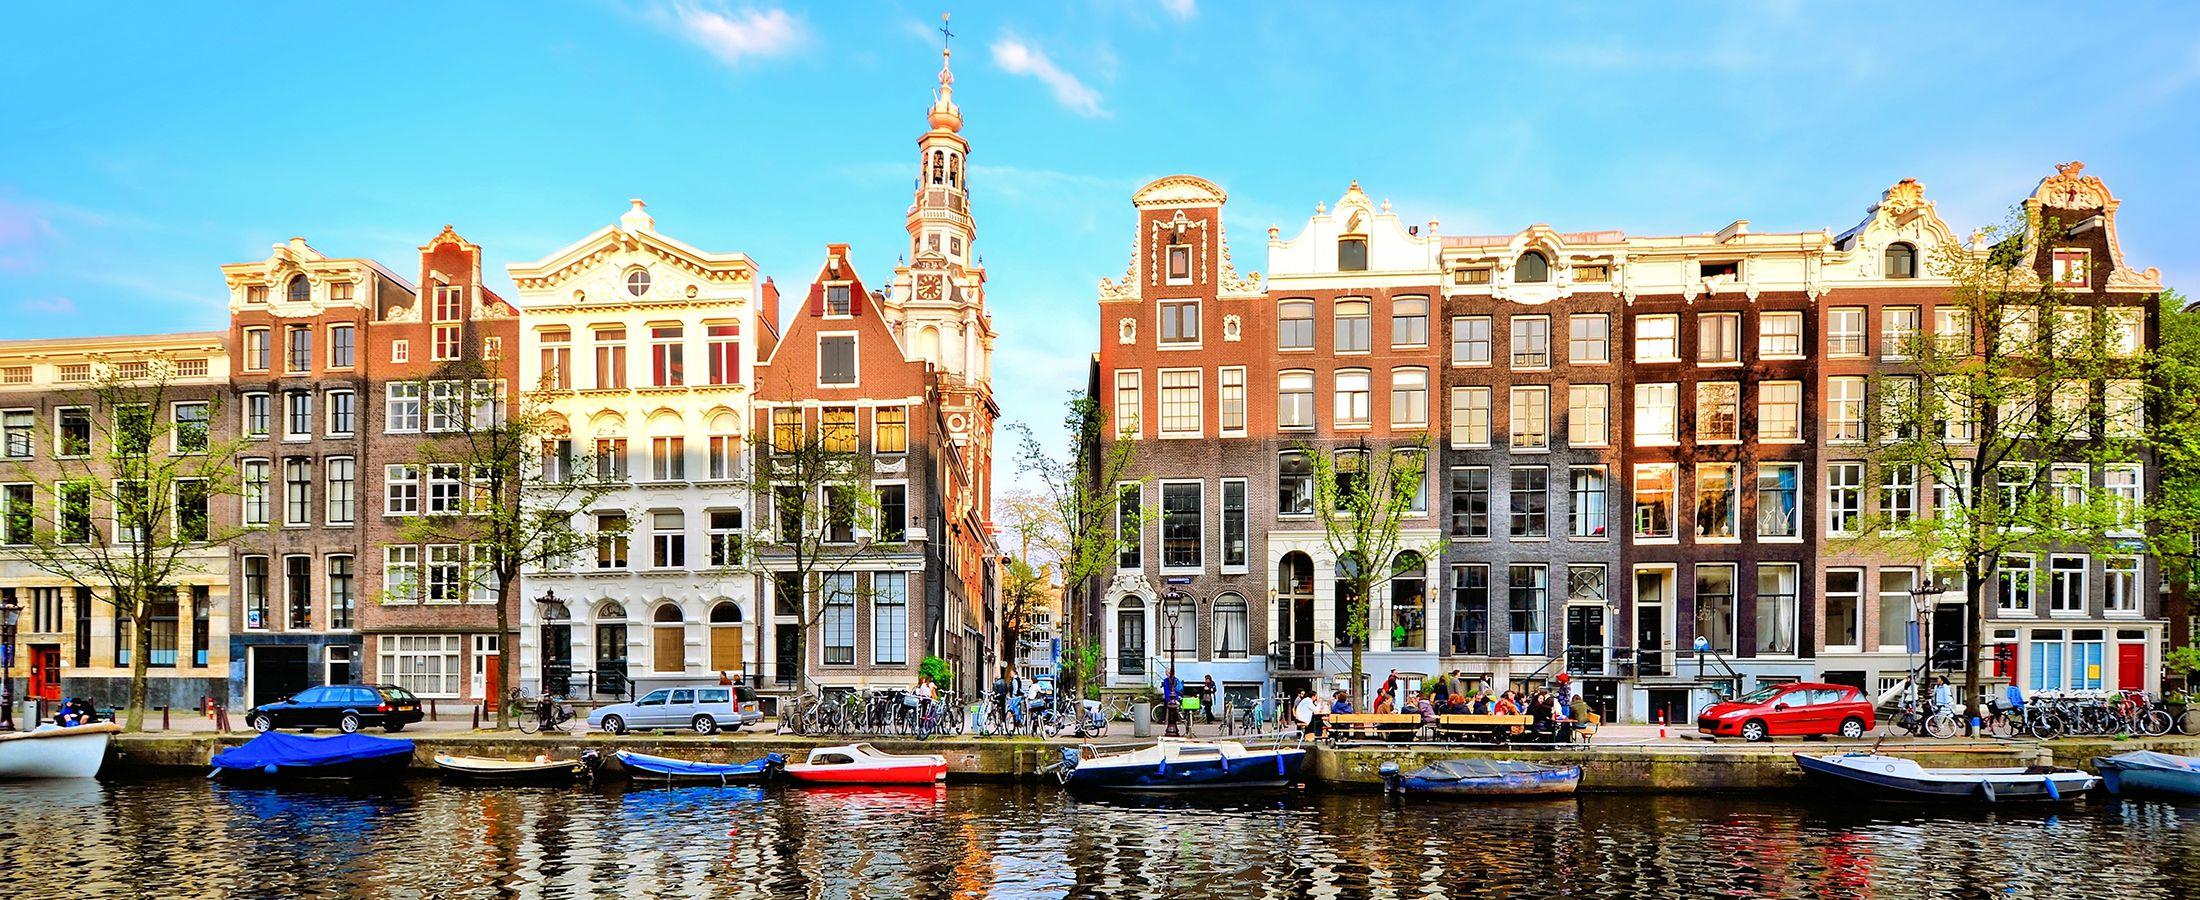 färgade hus vid vattnet med båtar intill kanalen på en resa till Amsterdam